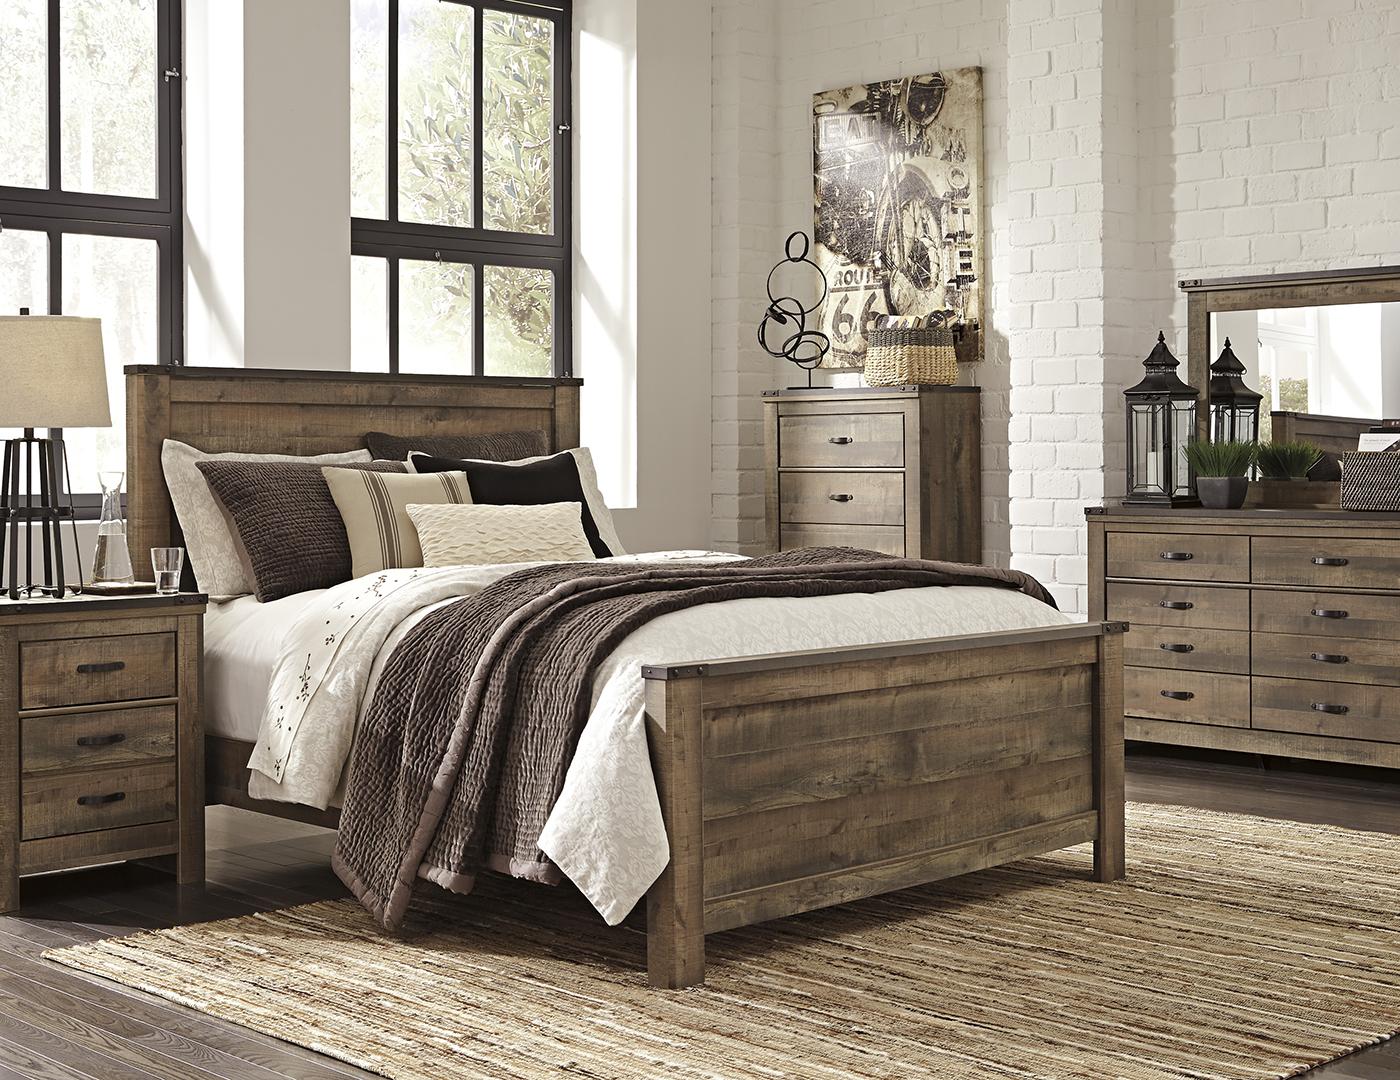 Trinell 5-pc. Queen Bedroom Set